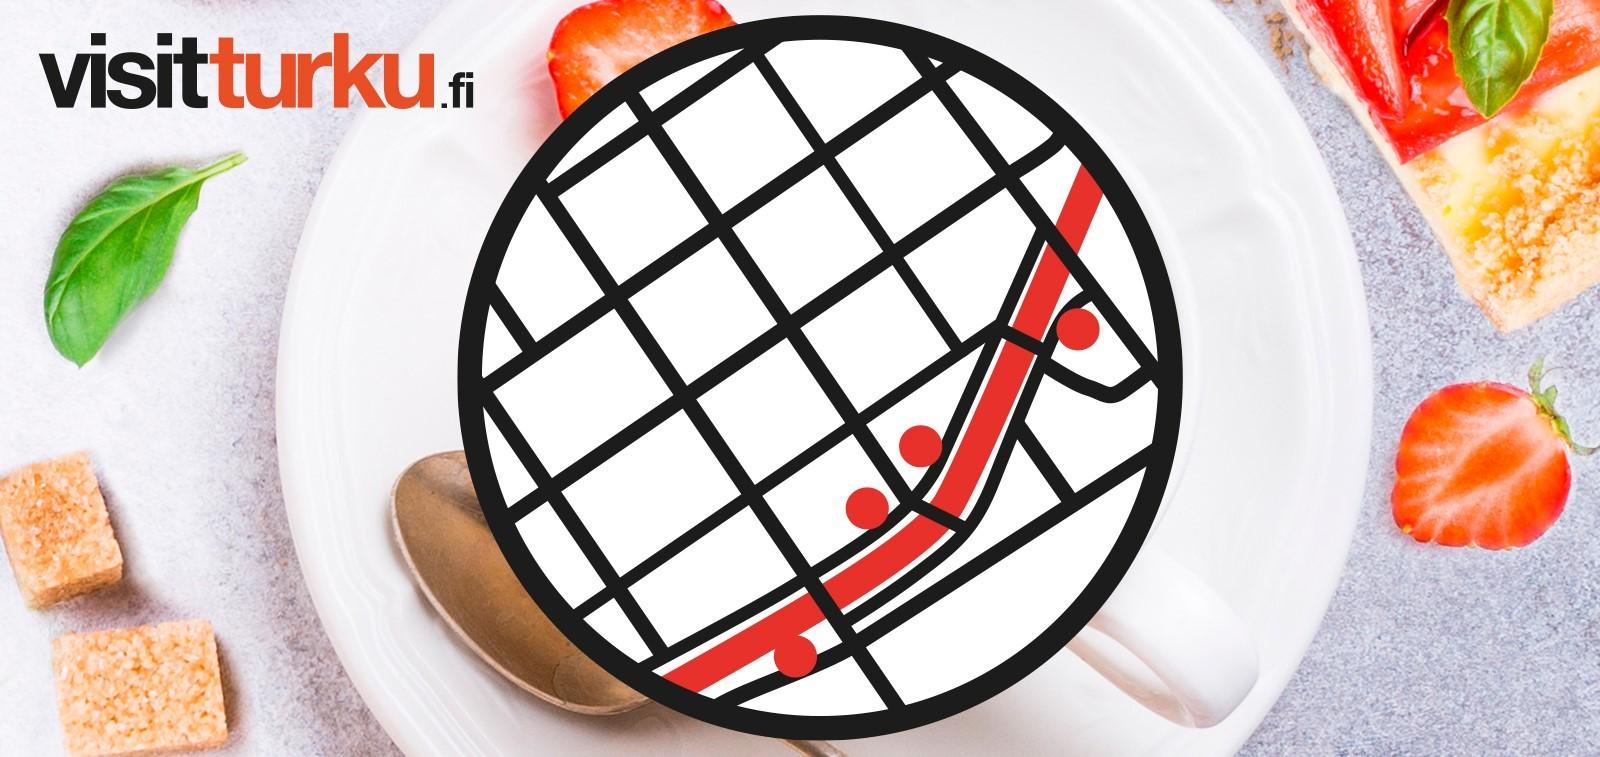 Turku Food Walk - oivallinen tapa tutustua Turkuun!